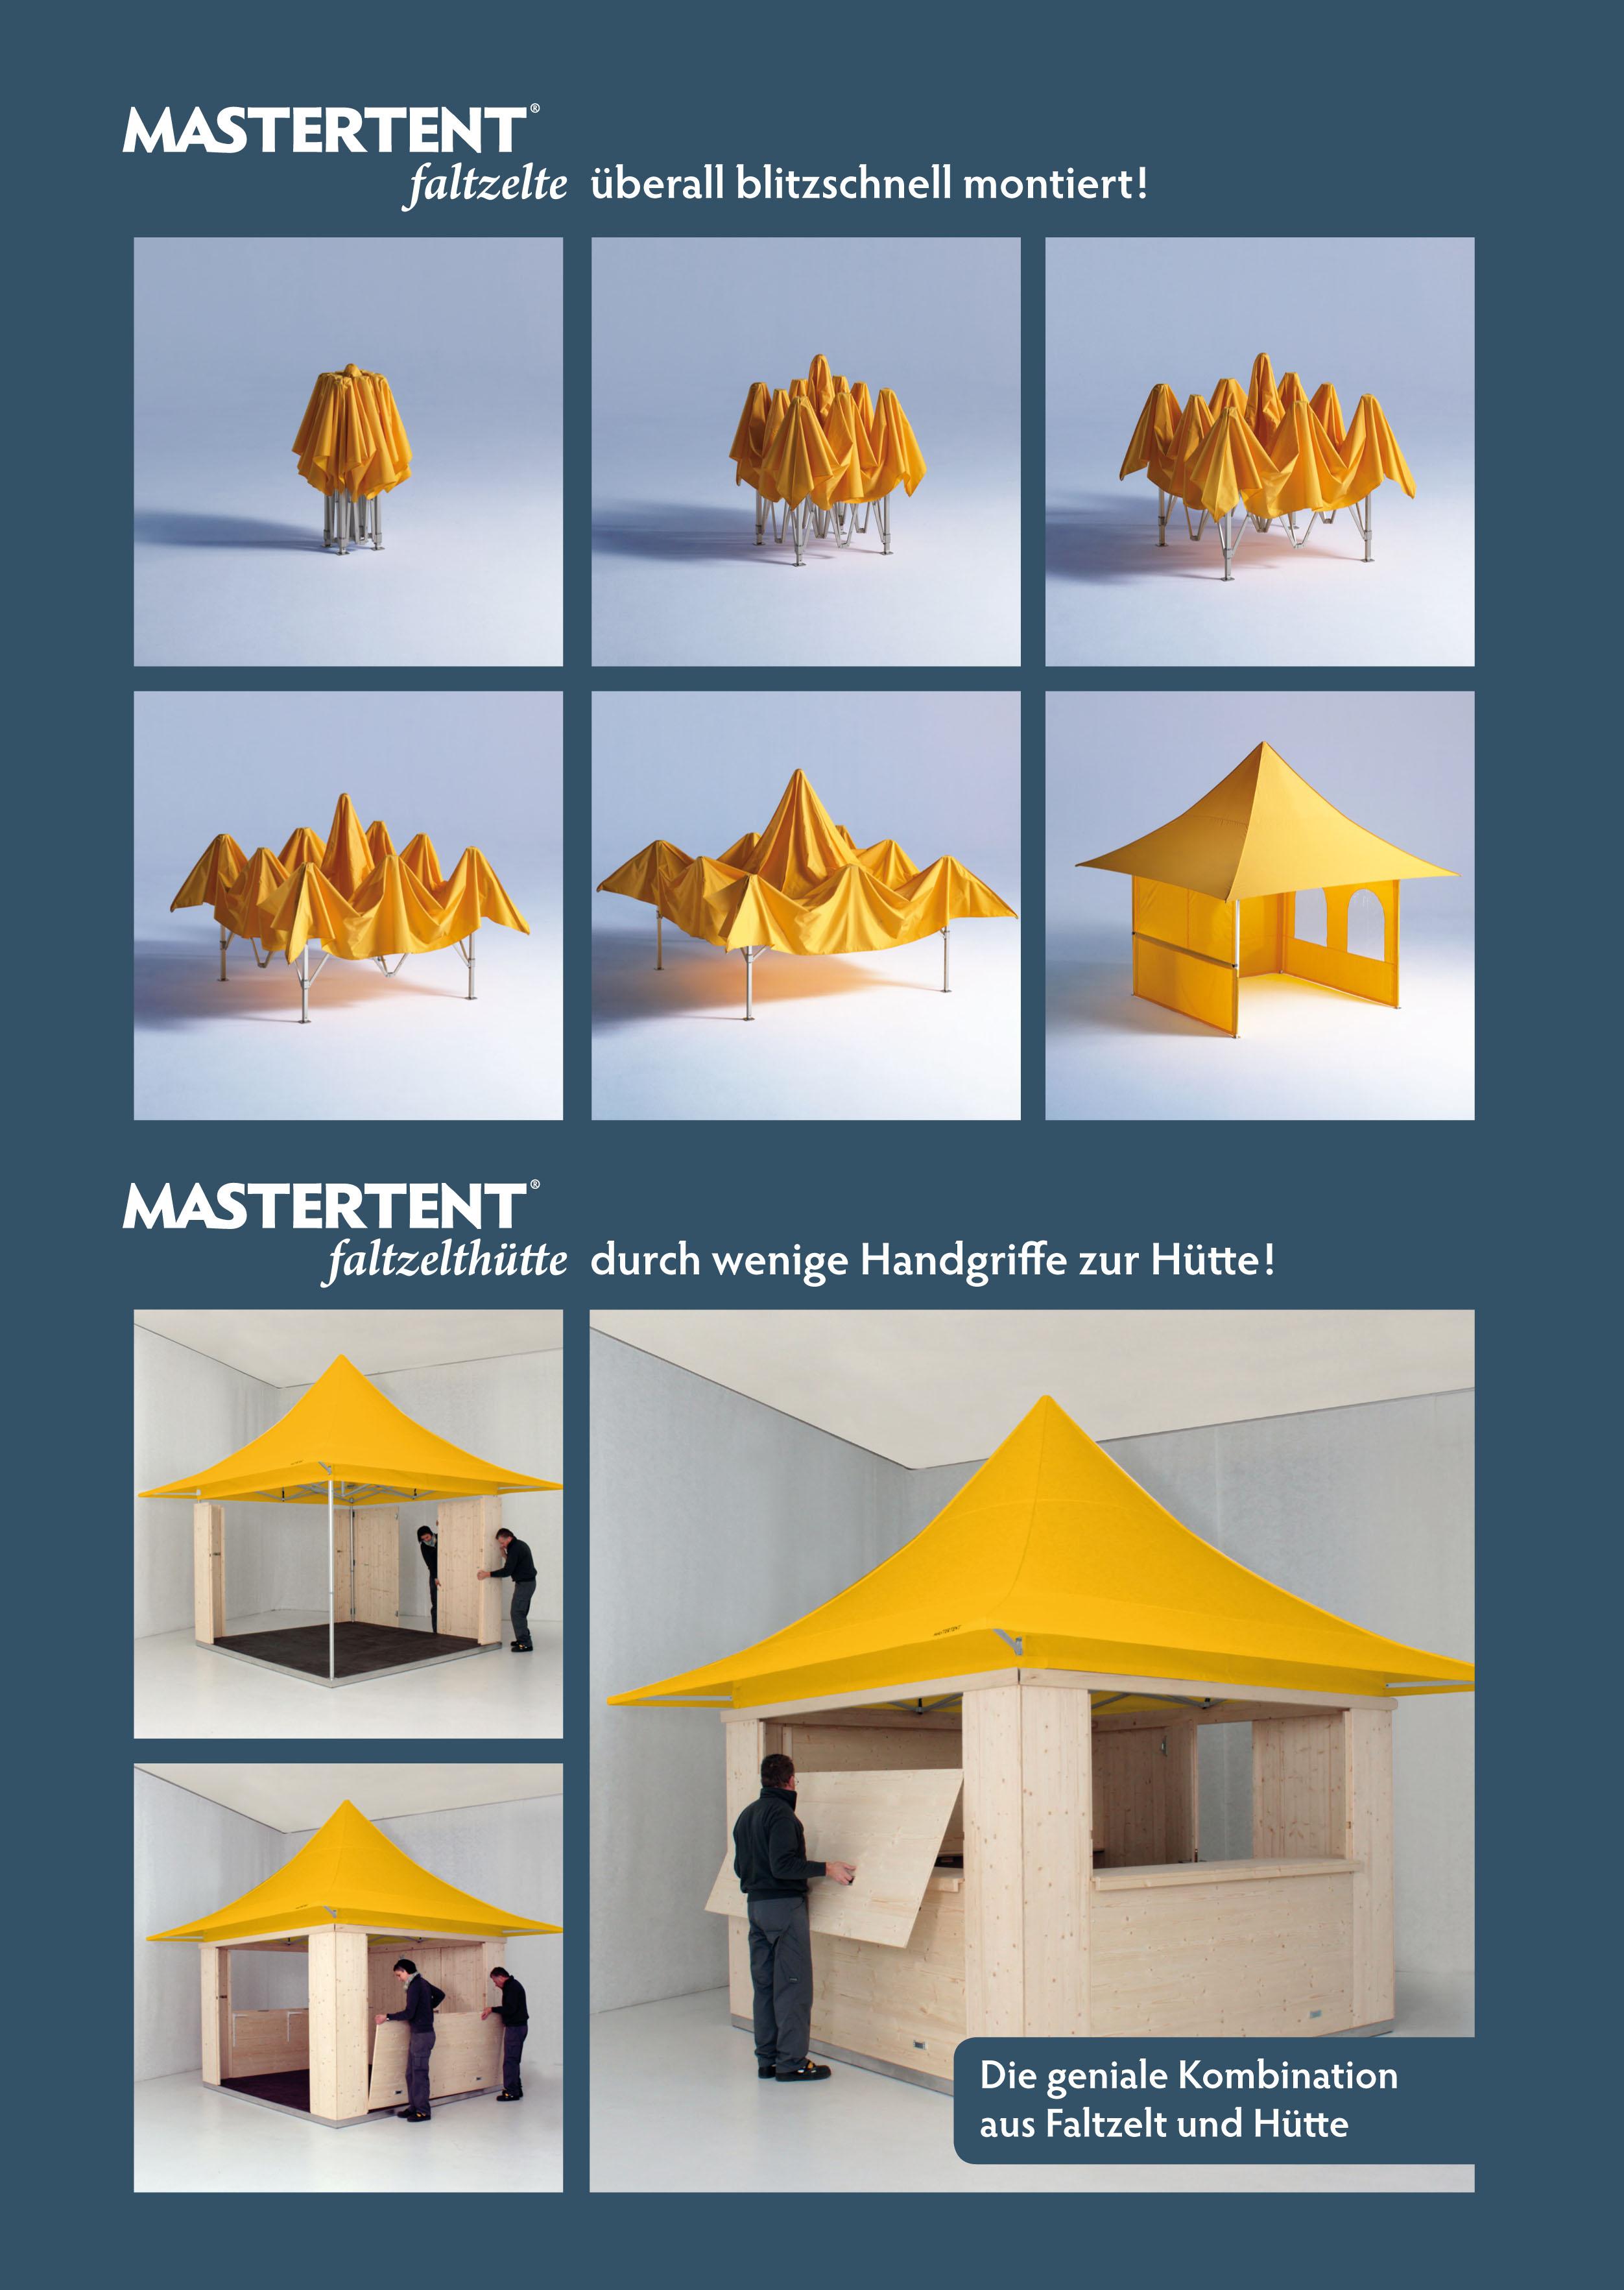 Mastertent Faltzelthütte